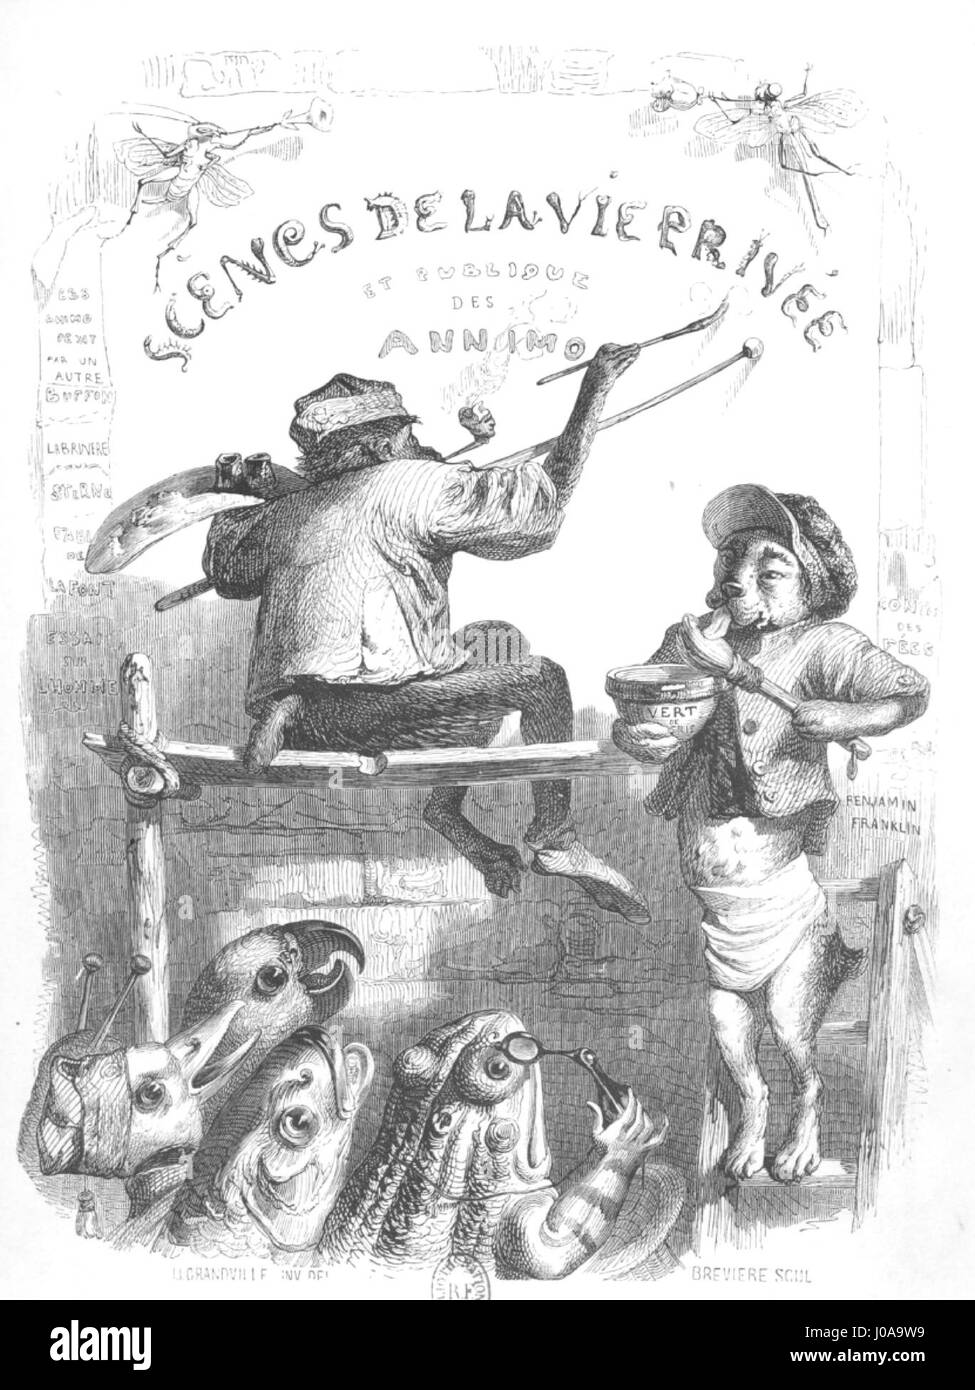 Scènes de la vie privée et publique des animaux, tome 1 0026 - Stock Image